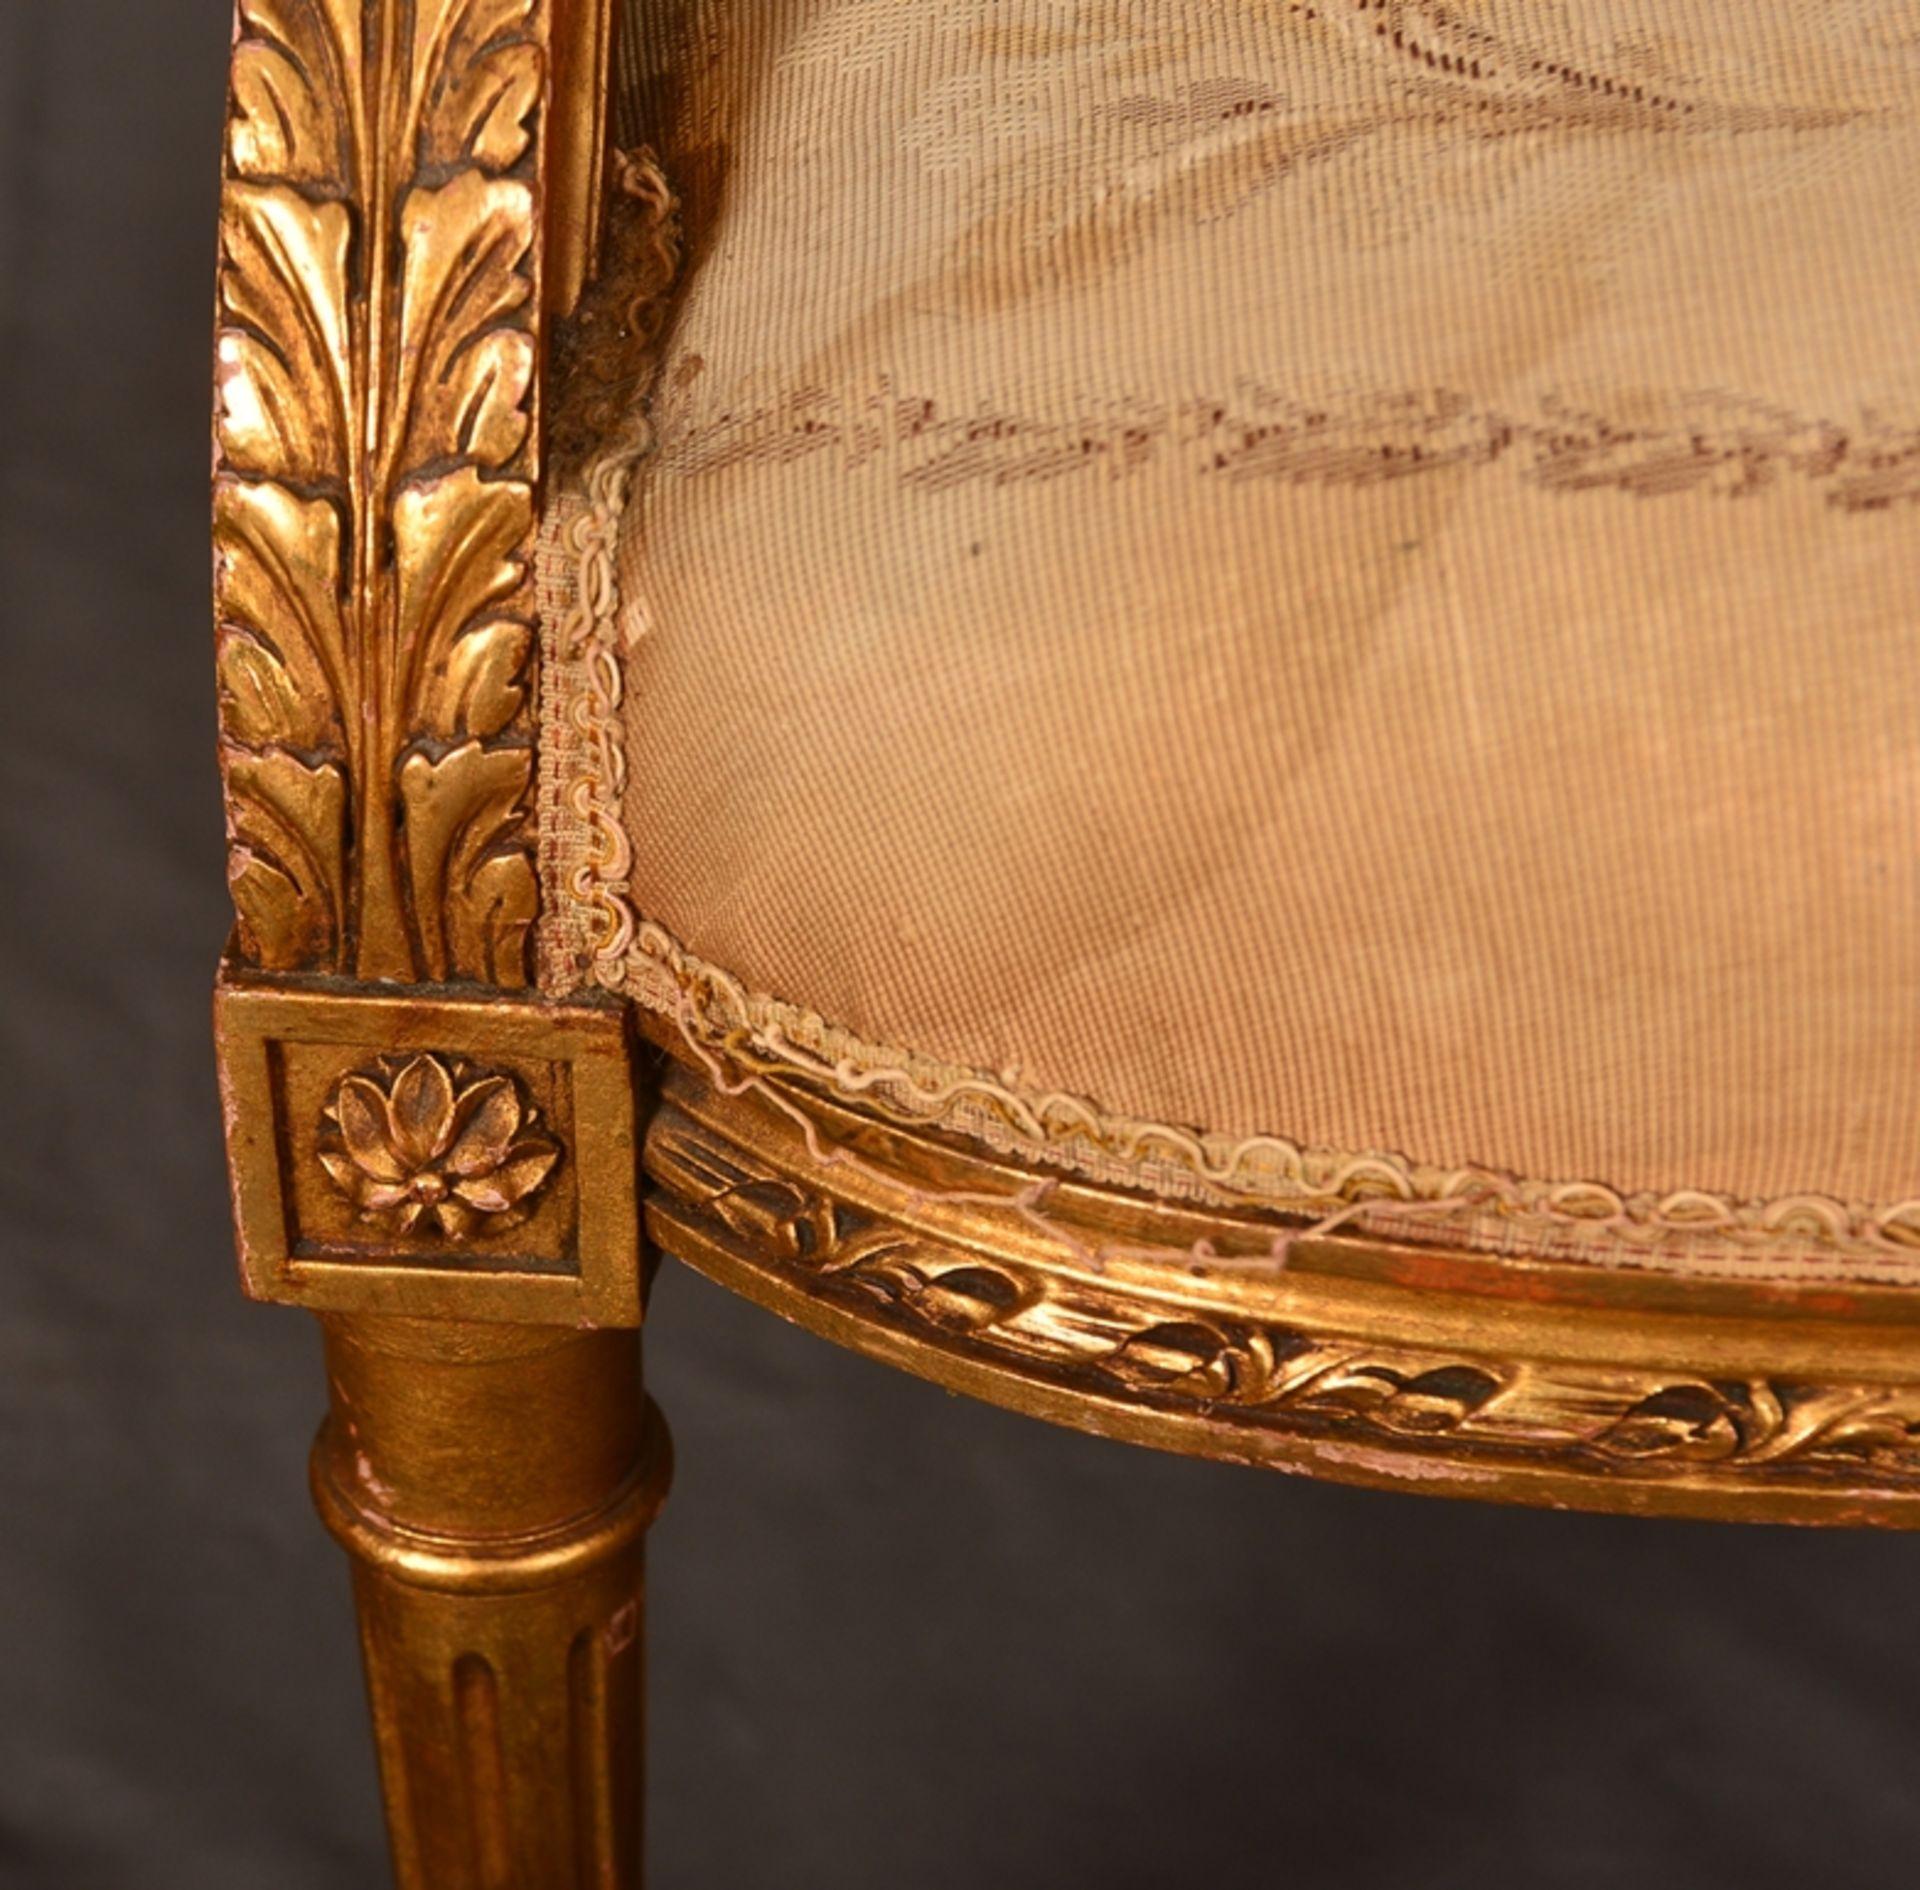 Eleganter Armlehnstuhl sog. Fauteuil, Louis XVI-Stil, Frankreich um 1890, originale Stoffbespannung, - Bild 4 aus 12